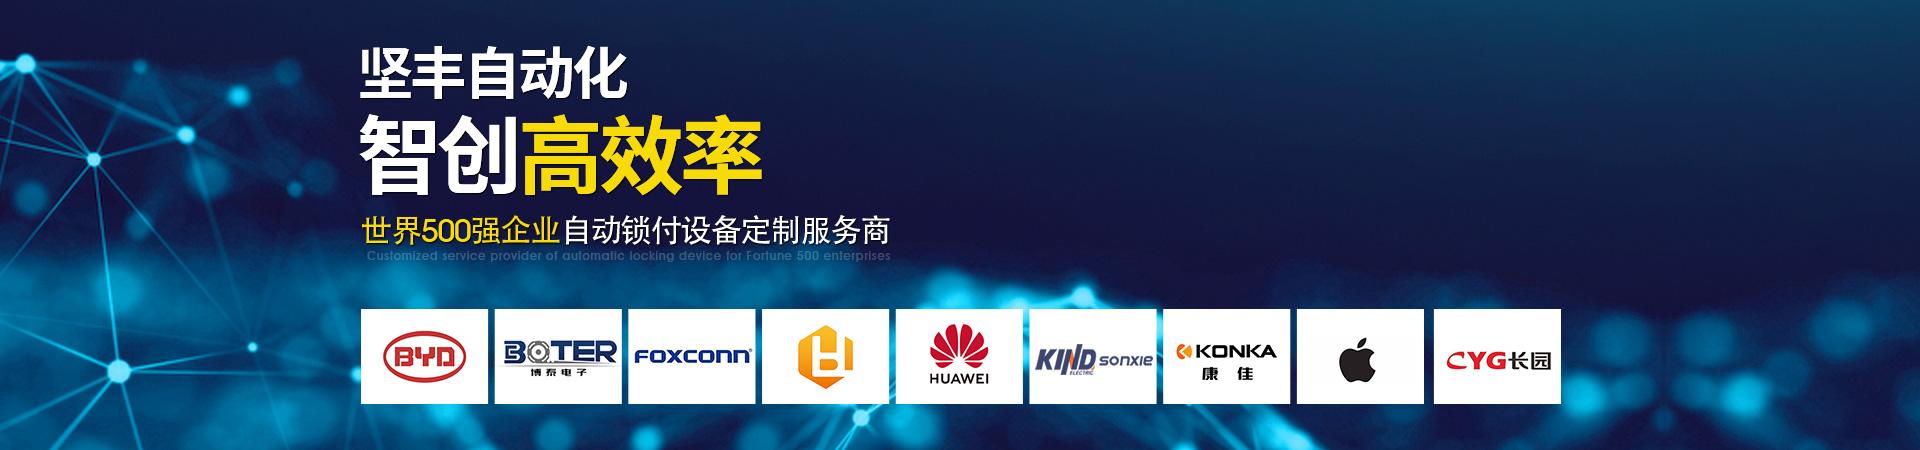 坚丰世界500强企业自动锁付设备定制服务商